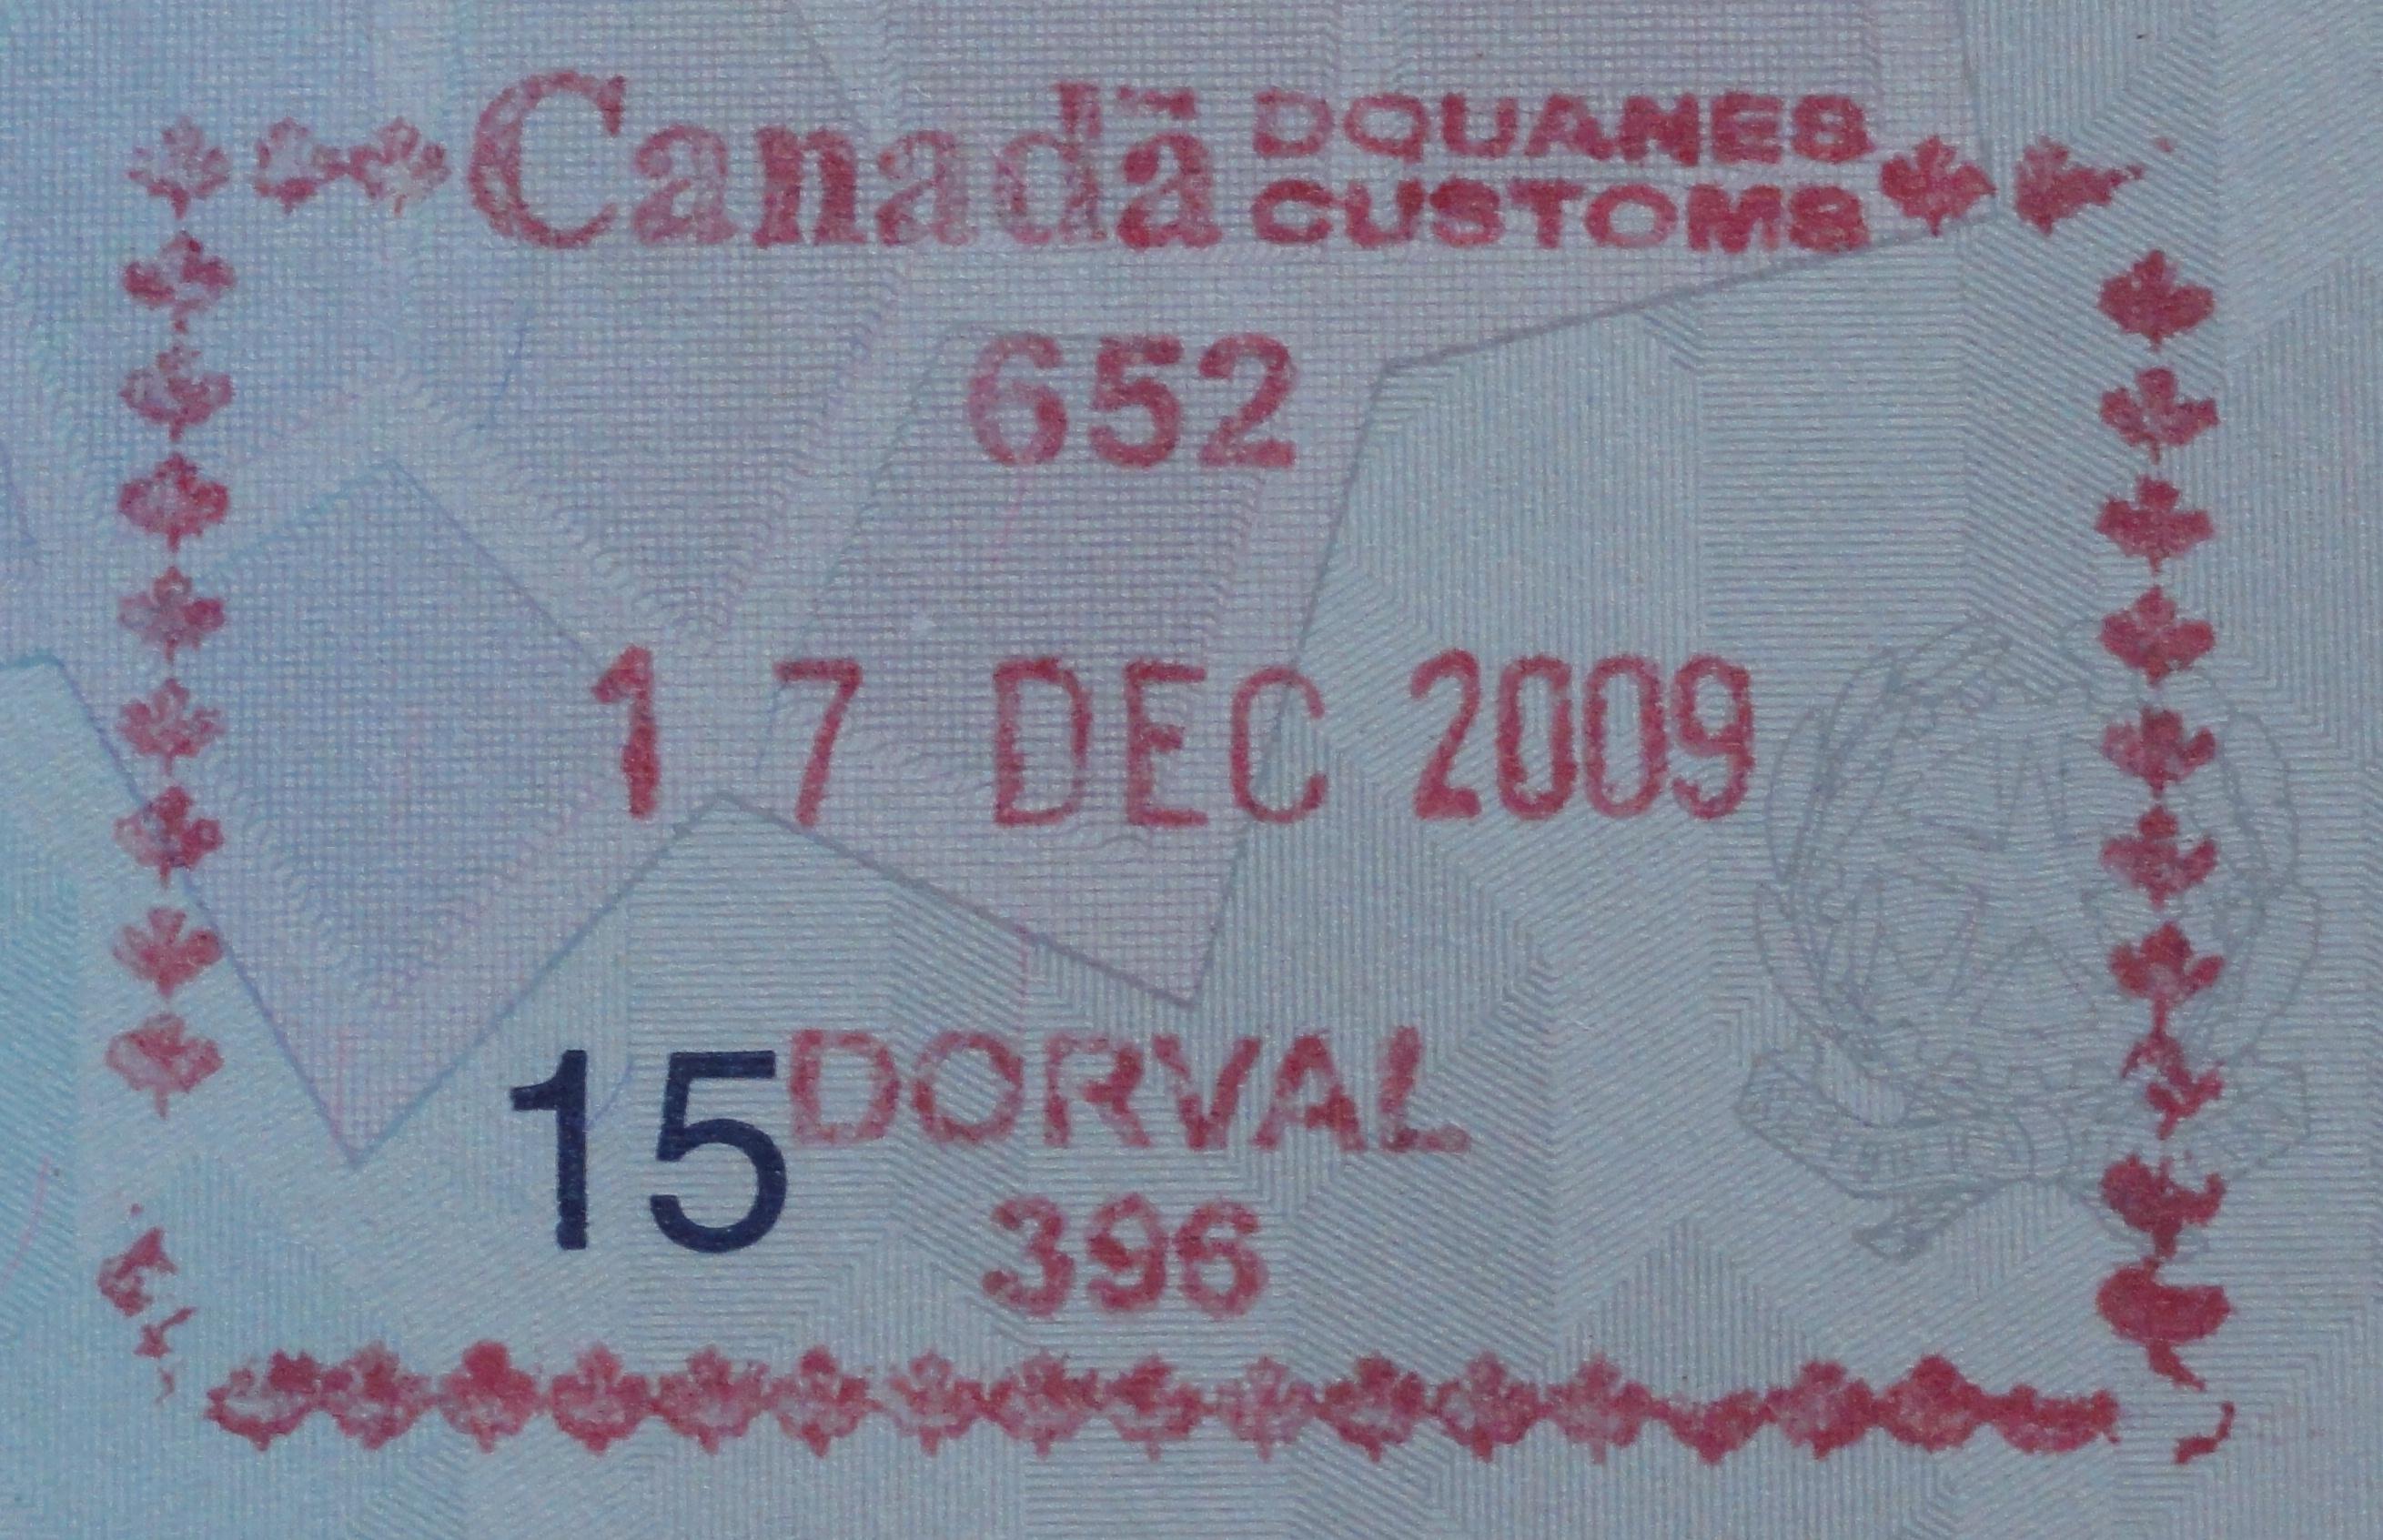 World Visa Information Visahunter.com